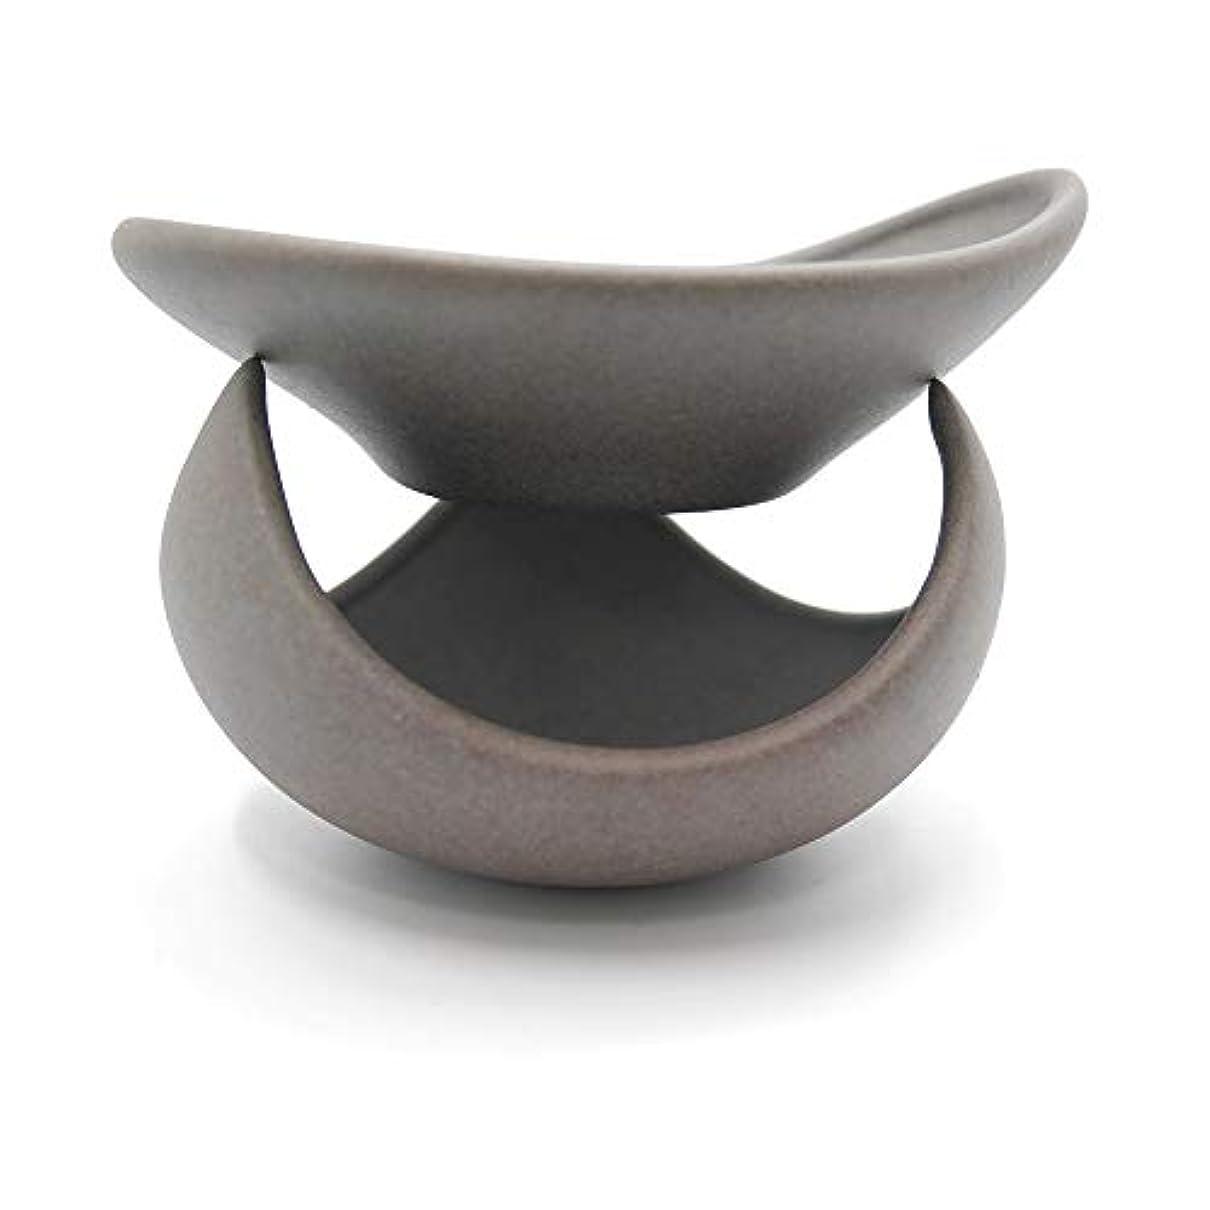 HALO CRAFT(ハロクラフト) 陶器 アロマポット オイルウォーマー